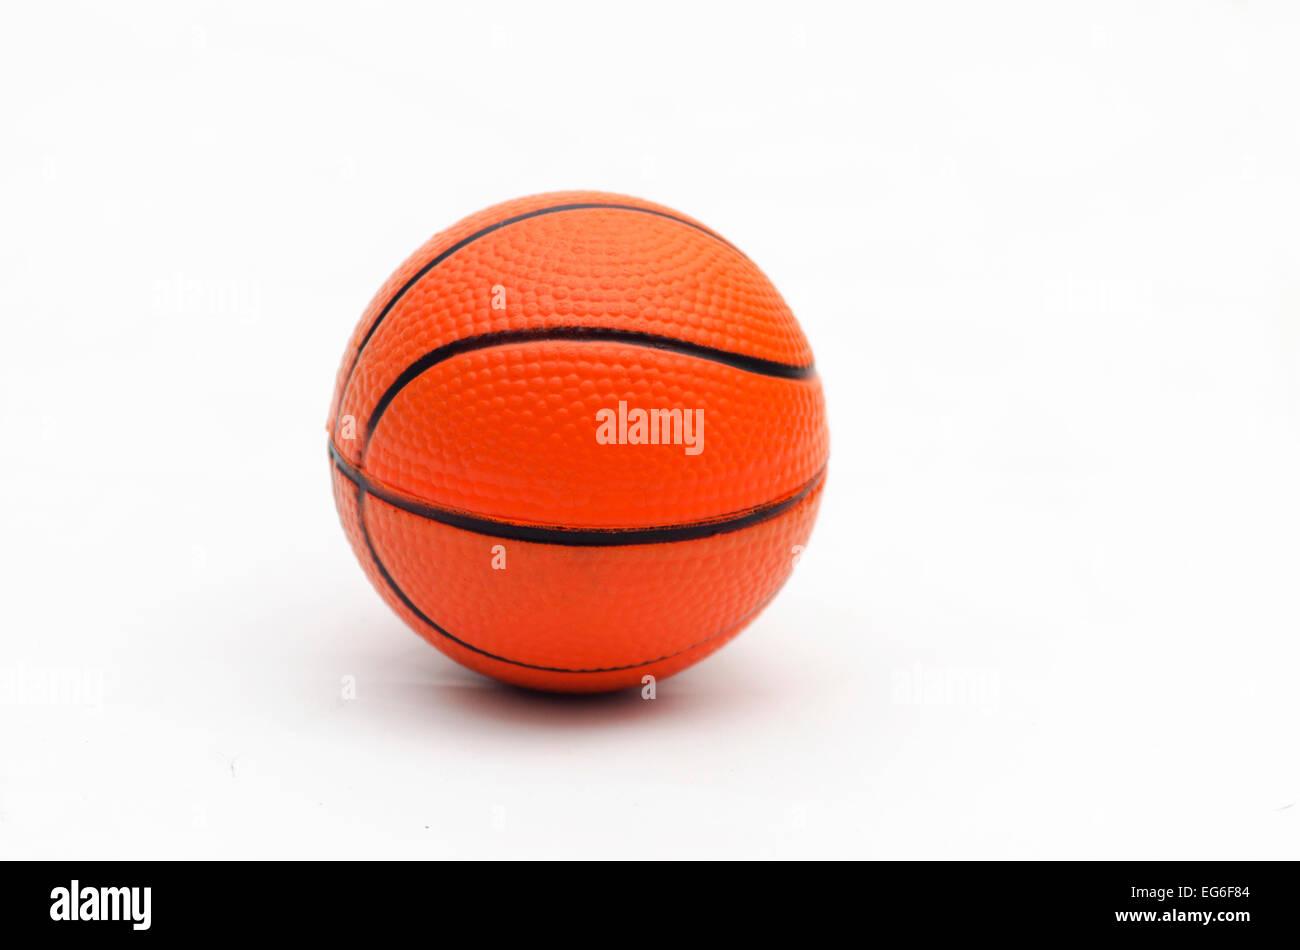 orange basket ball on white background - Stock Image